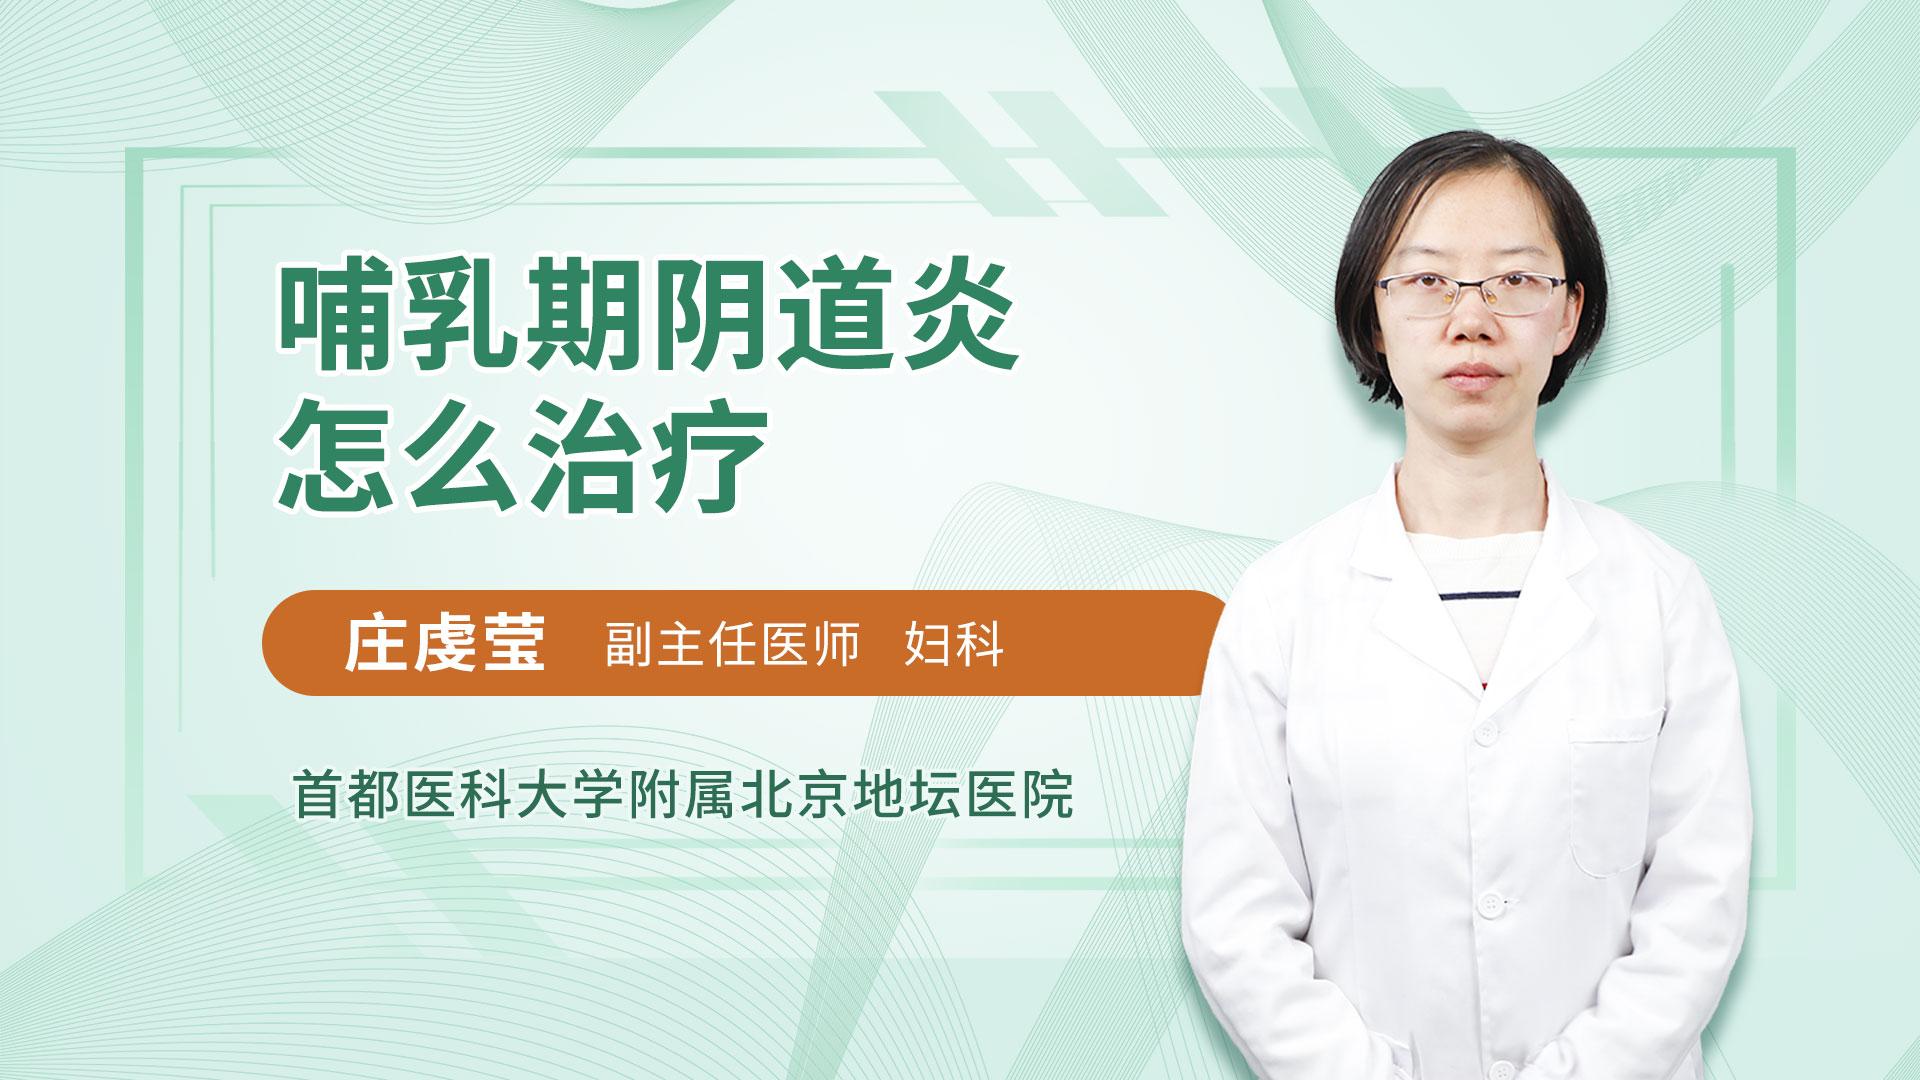 哺乳期阴道炎怎么治疗